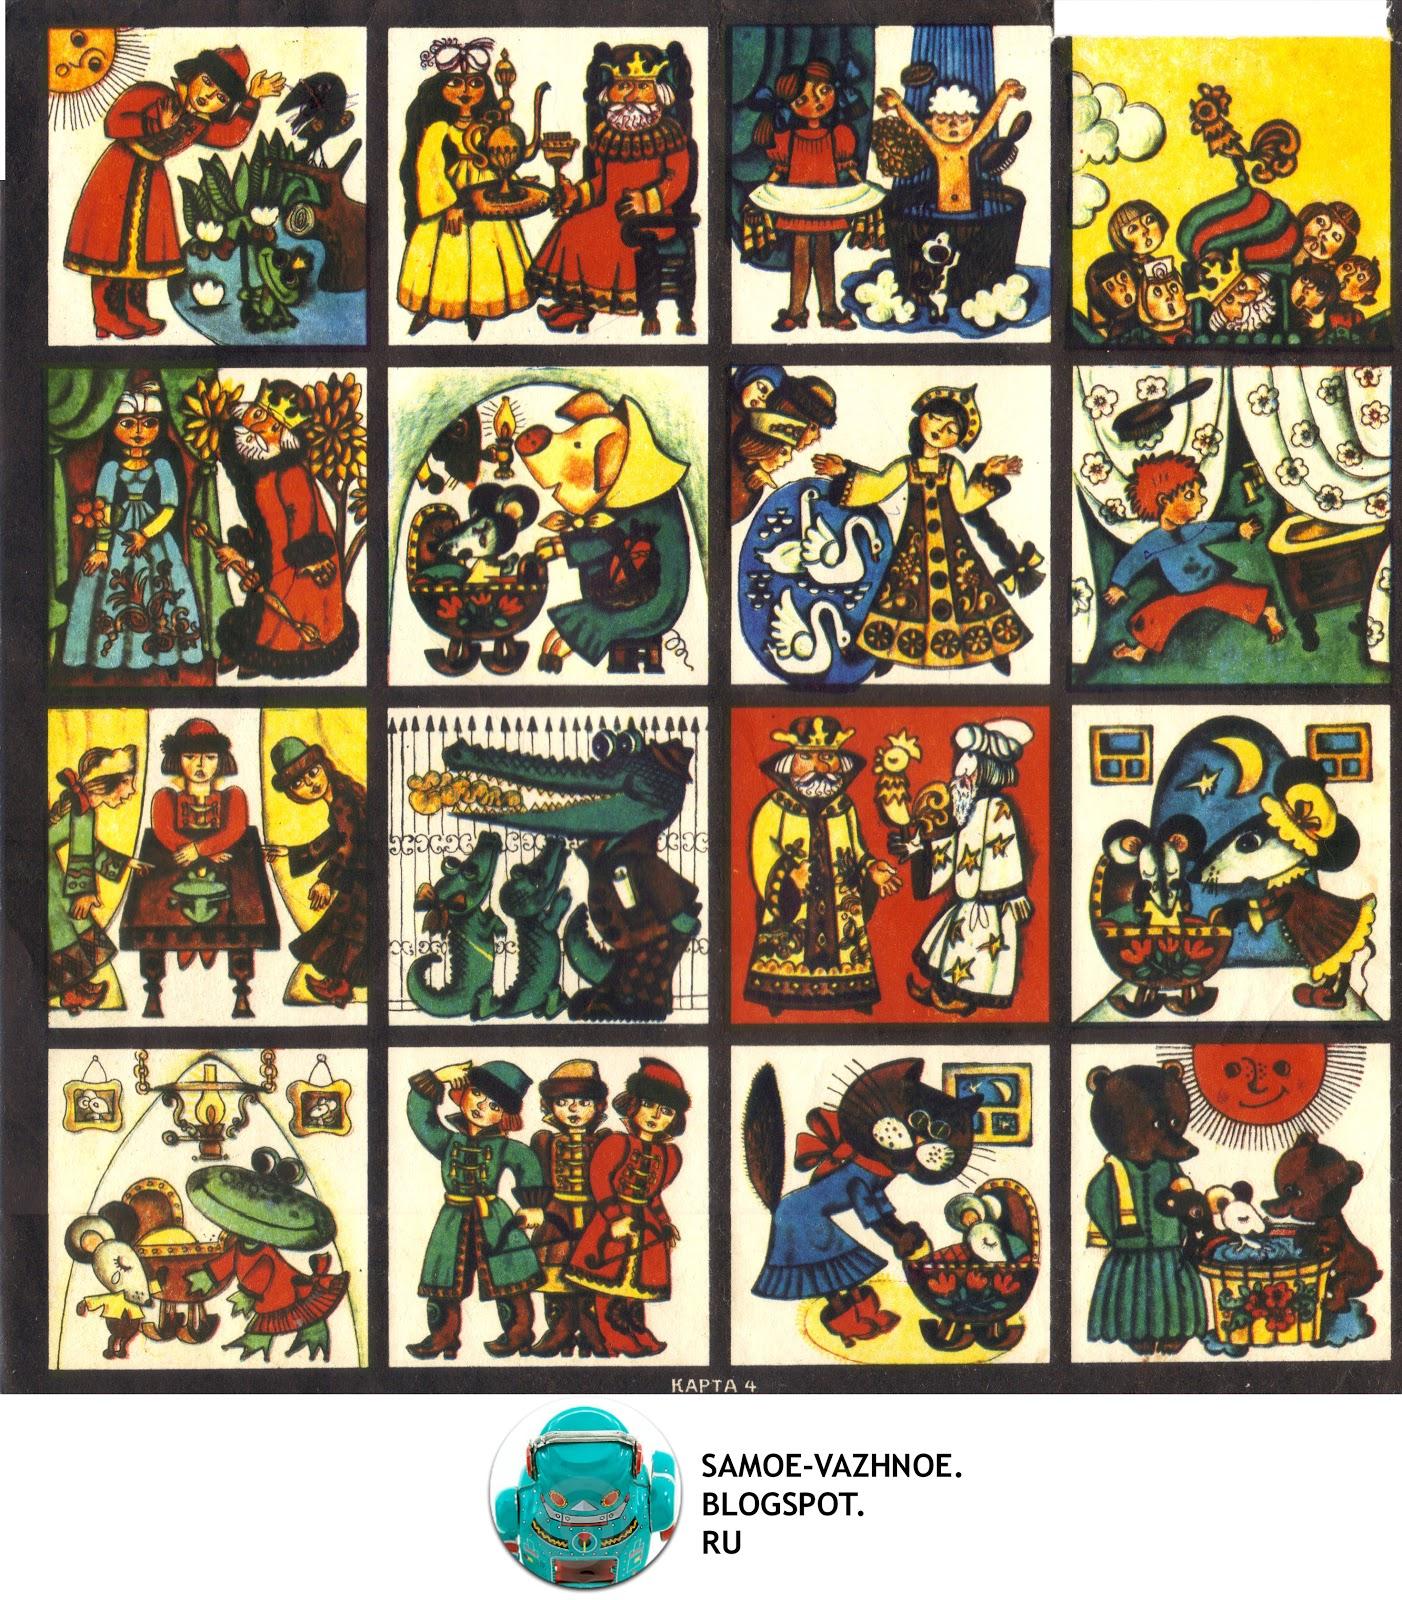 Советская игра с магнитом СССР. Магнитные игры СССР